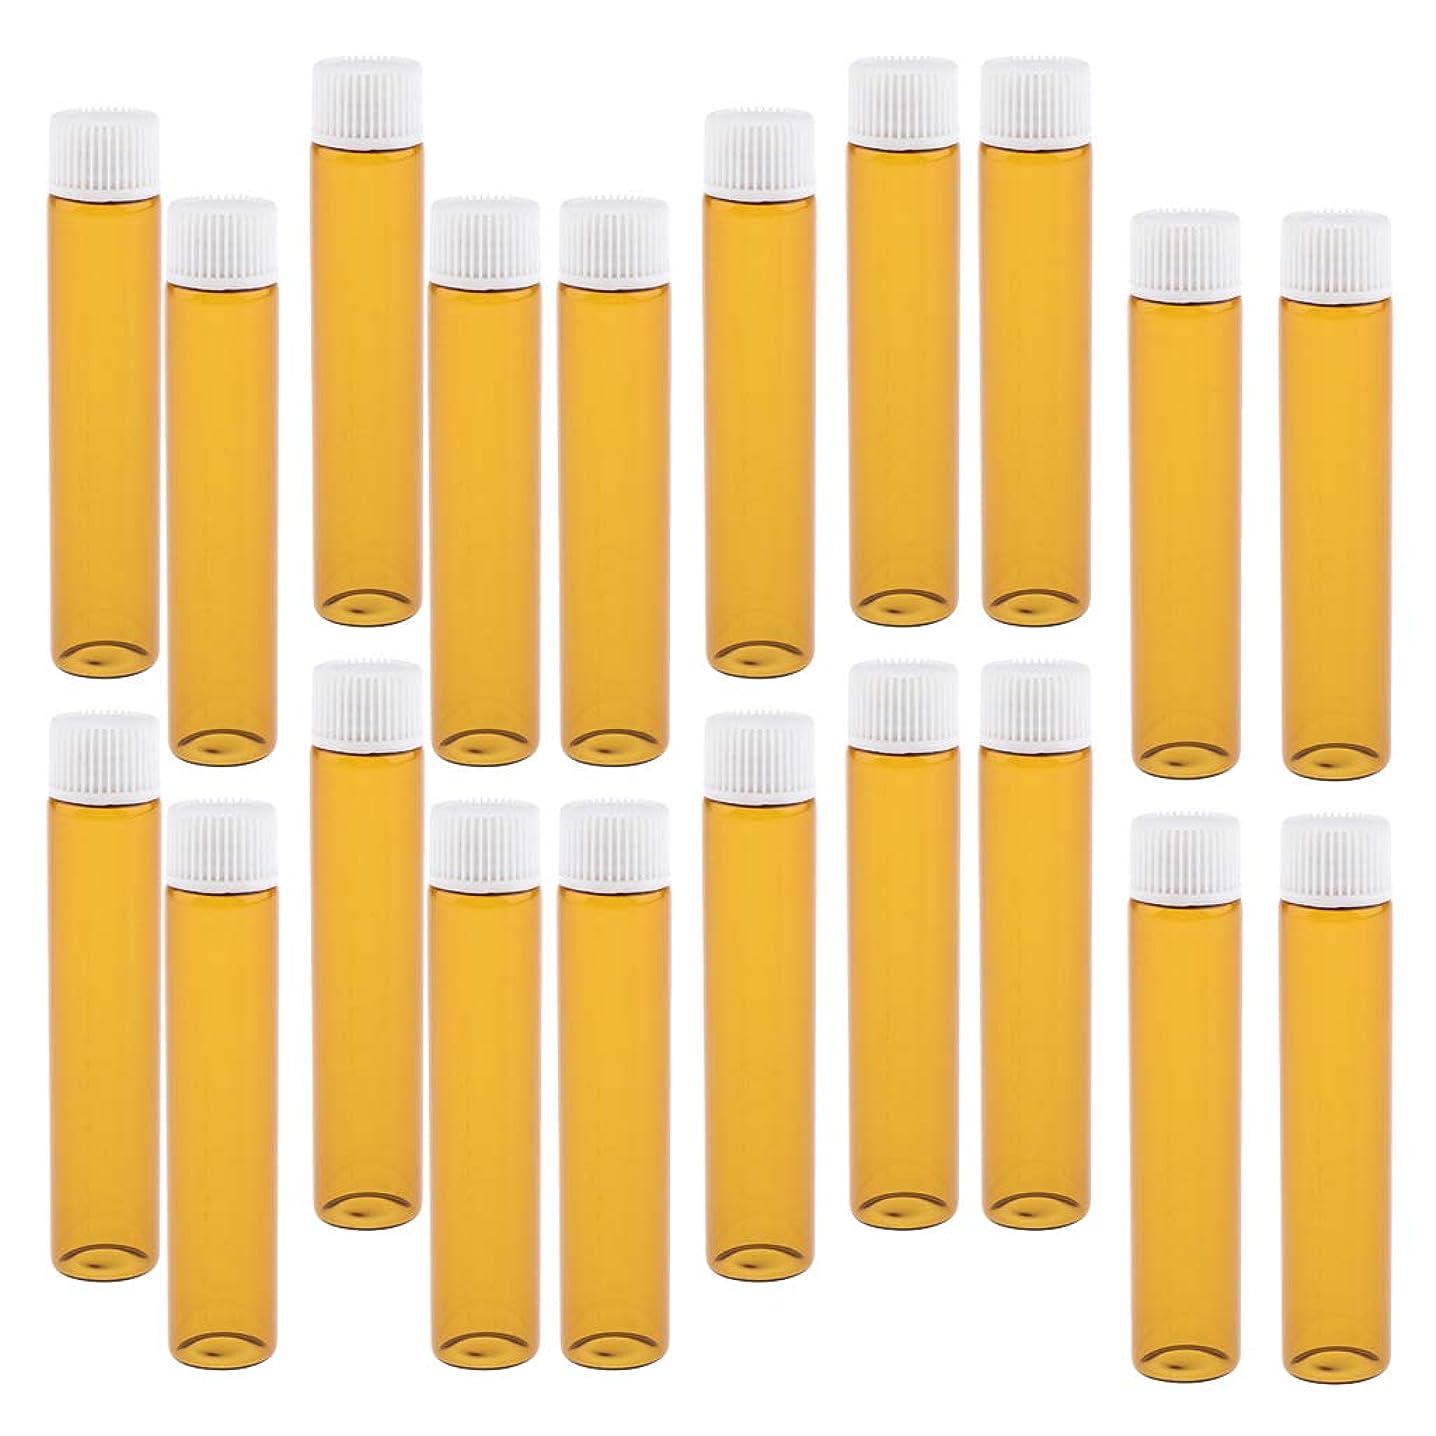 所属どういたしまして条件付きPerfeclan 20個 詰替え容器 香水ボトル ガラスボトル 小分け容器 小分けボトル 全4色 - ホワイト